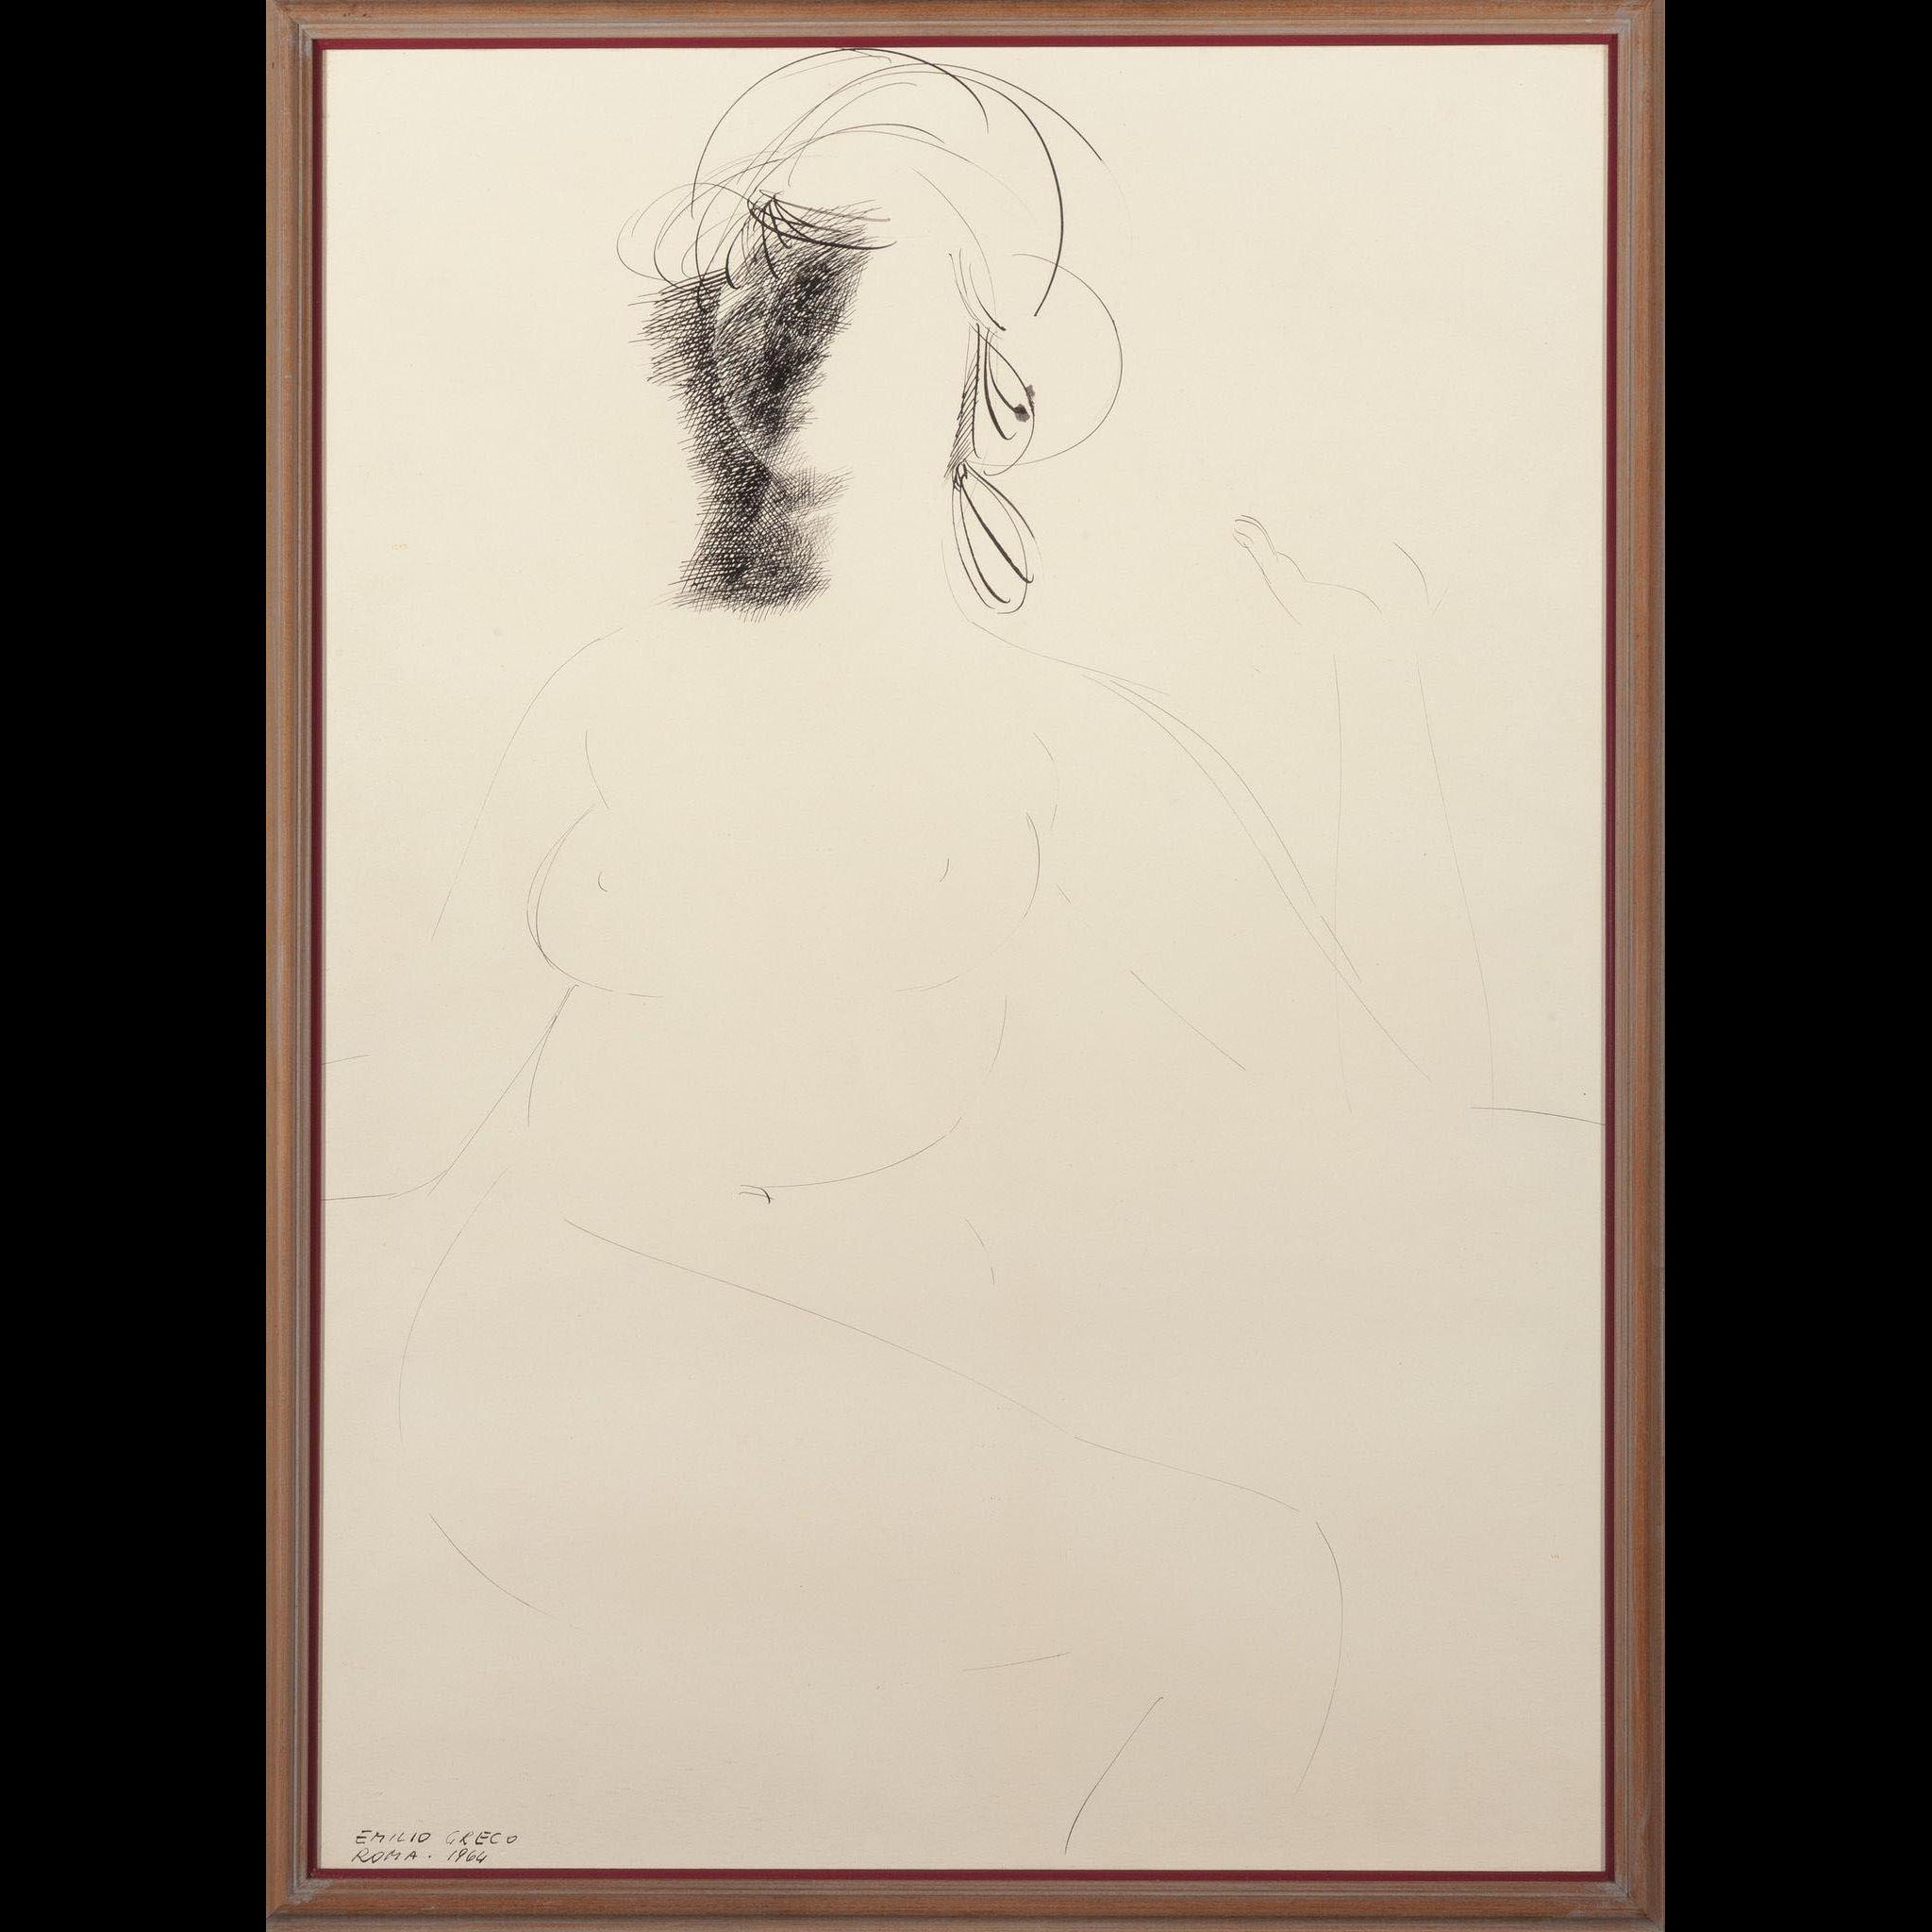 """EMILIO GRECO (Italian, 1913-1995) Original Signed Ink On Paper """"Nude 1966"""""""